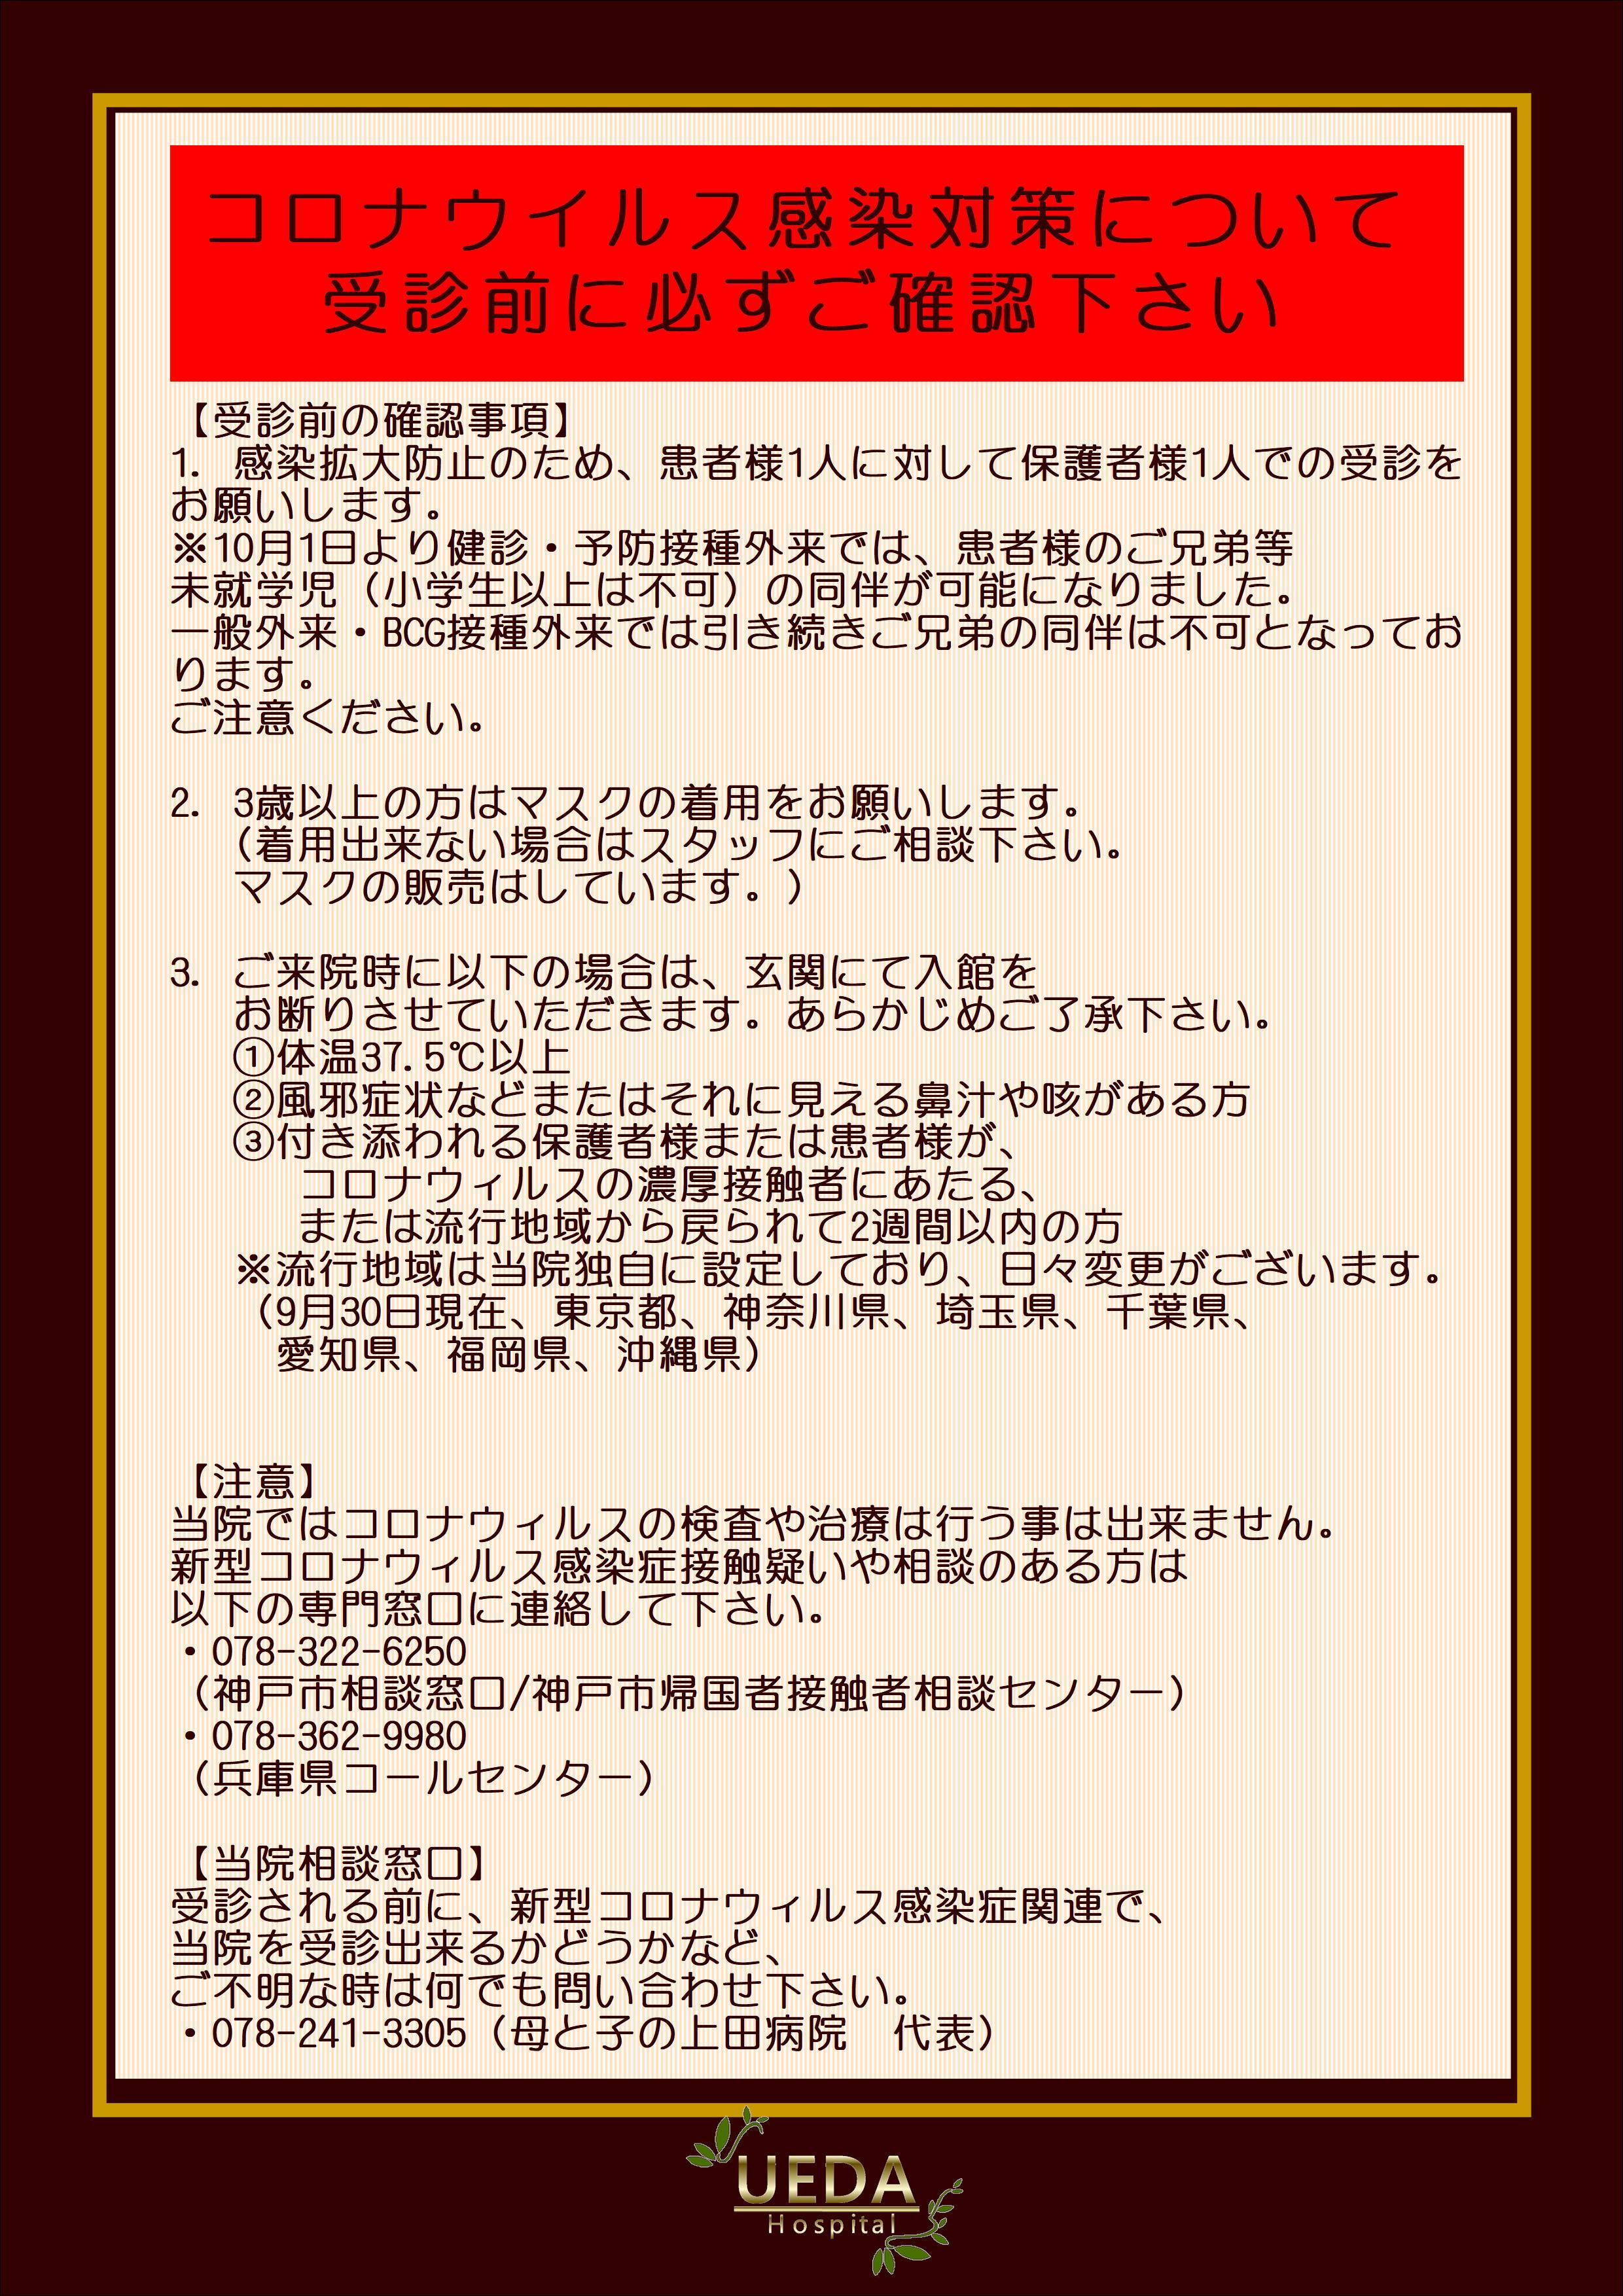 新コロナウイルス感染症対策について~受診前に.JPG